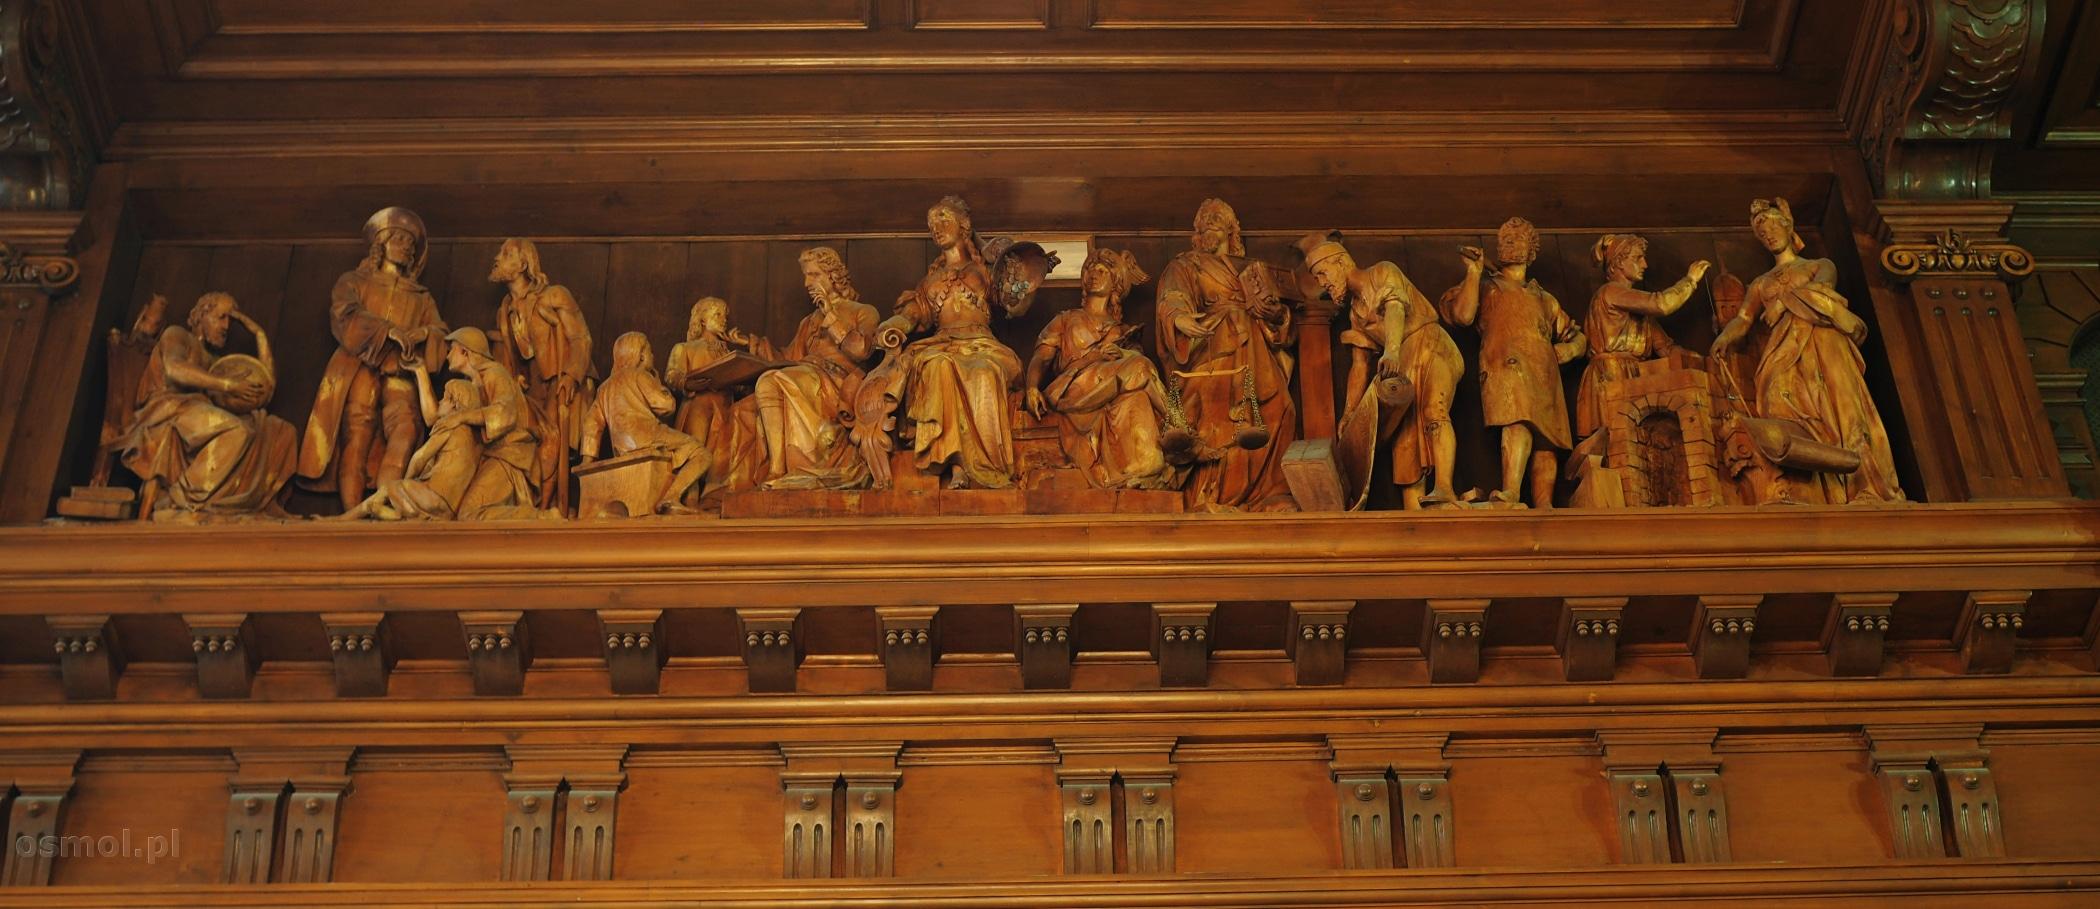 Rzeźby w głównej sali ratusza